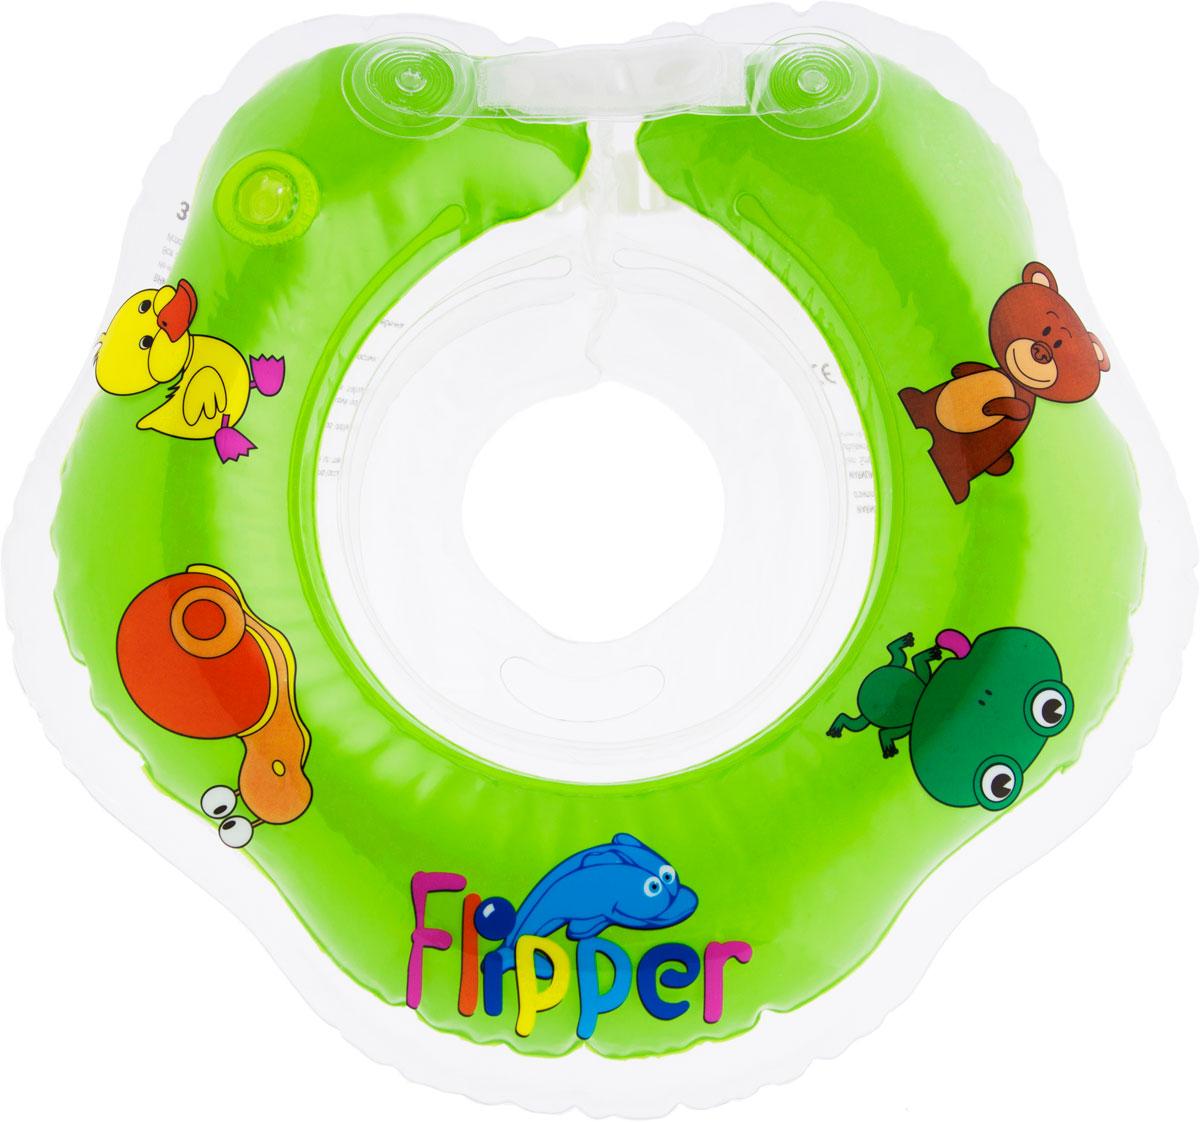 Круг на шею для купания Roxy-Kids Flipper, цвет: зеленый roxy kids козырек защитный для мытья головы rbc 492 g зеленый от 6 месяцев до 3 лет